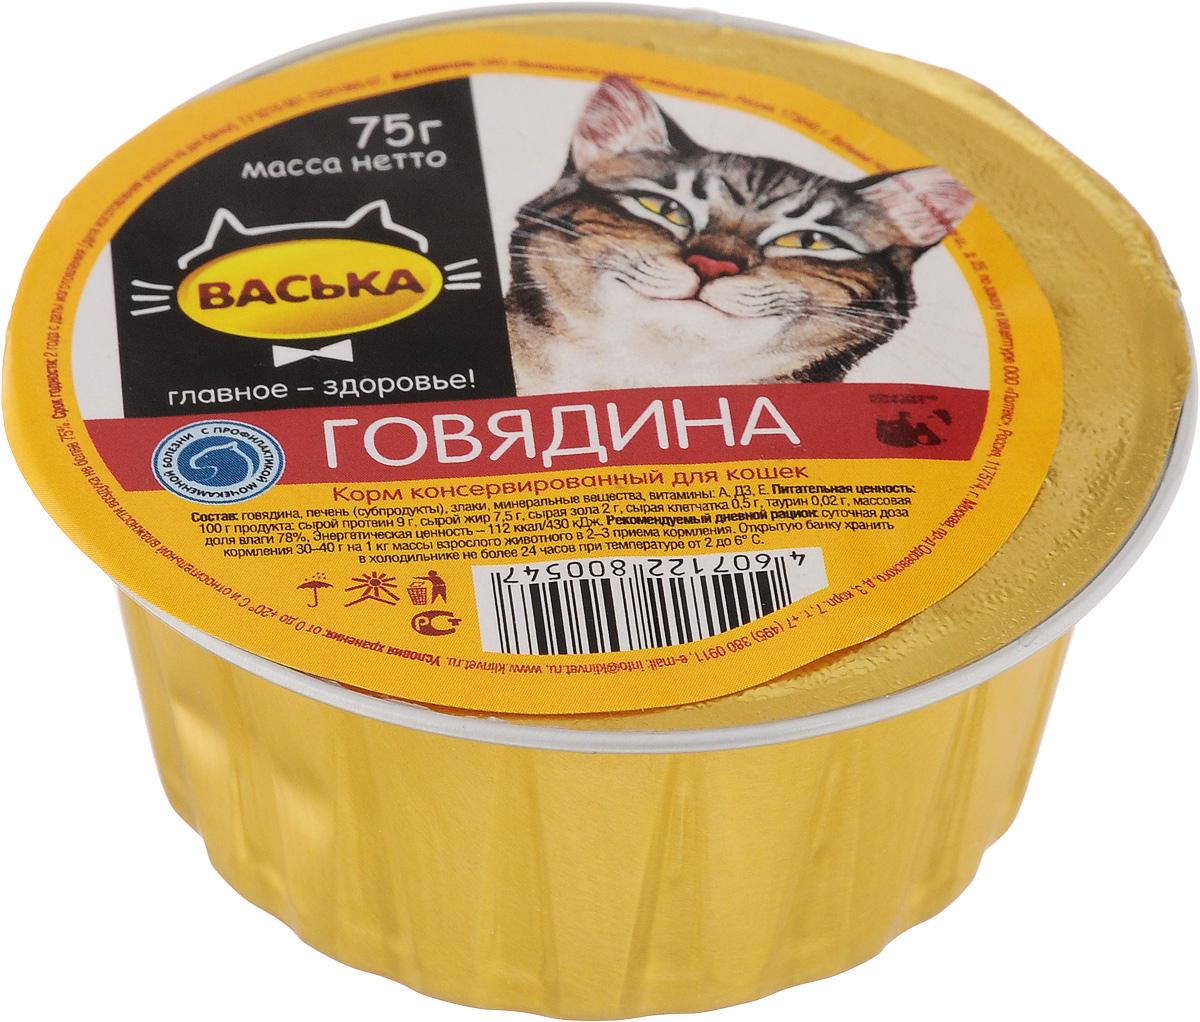 Консервы для кошек Васька, для профилактики мочекаменных болезней, говядина, 75 г0547Консервированный корм Васька - это сбалансированное и полнорационное питание, которое обеспечит вашего питомца необходимыми белками, жирами, витаминами и микроэлементами. Нежный паштет порадует кошек любых возрастов и вкусовых предпочтений. Высокий процент содержания влаги в продукте является отличной профилактикой возникновения мочекаменной болезни. Высокое содержание белков и жиров, а также важнейших микроэлементов и витаминов обеспечат вашу кошку энергией и здоровьем. Корм абсолютно натуральный, не содержит ГМО, ароматизаторов и искусственных красителей. Удобная одноразовая упаковка сохраняет корм свежим и позволяет контролировать порцию потребления. Товар сертифицирован.